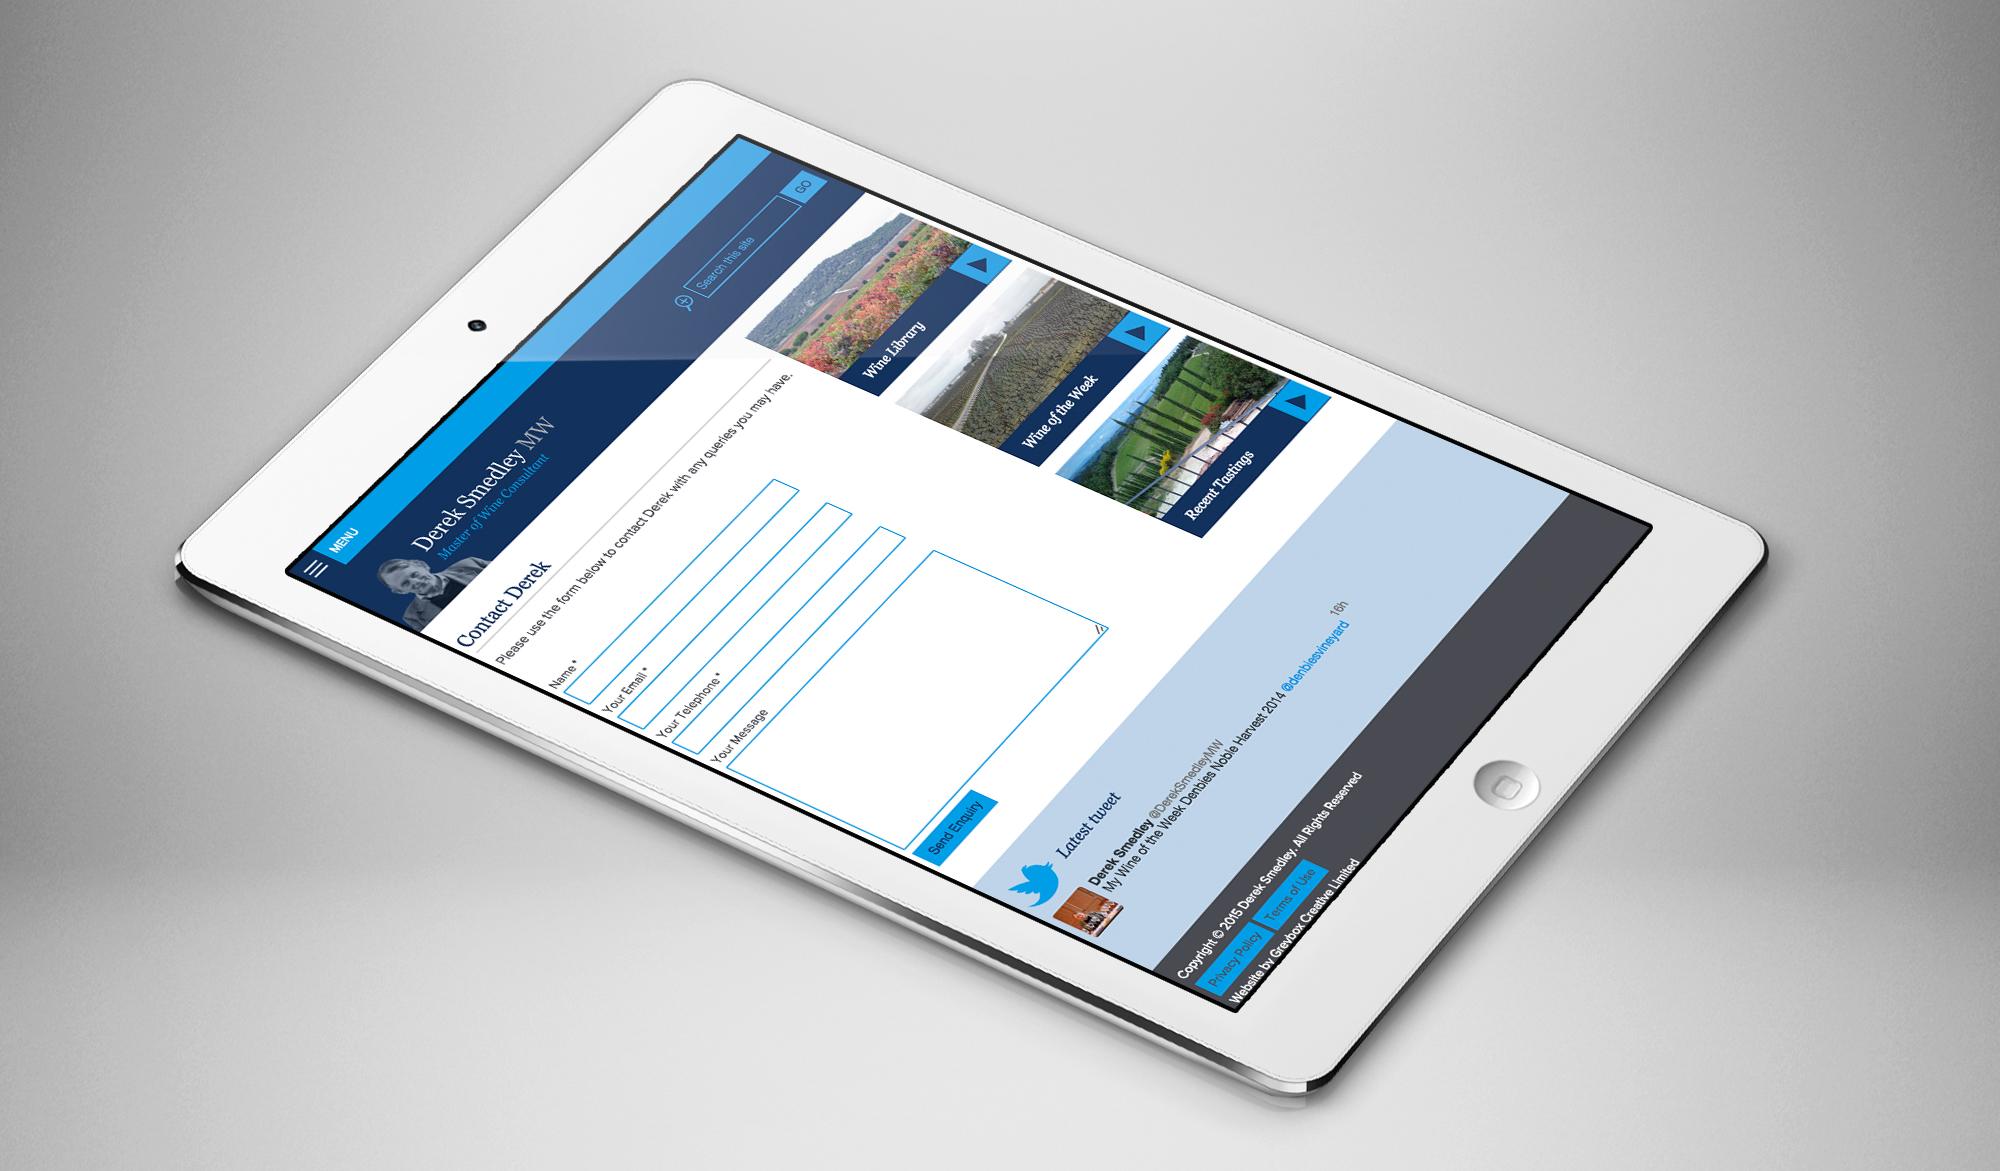 Derek Smedley tablet page